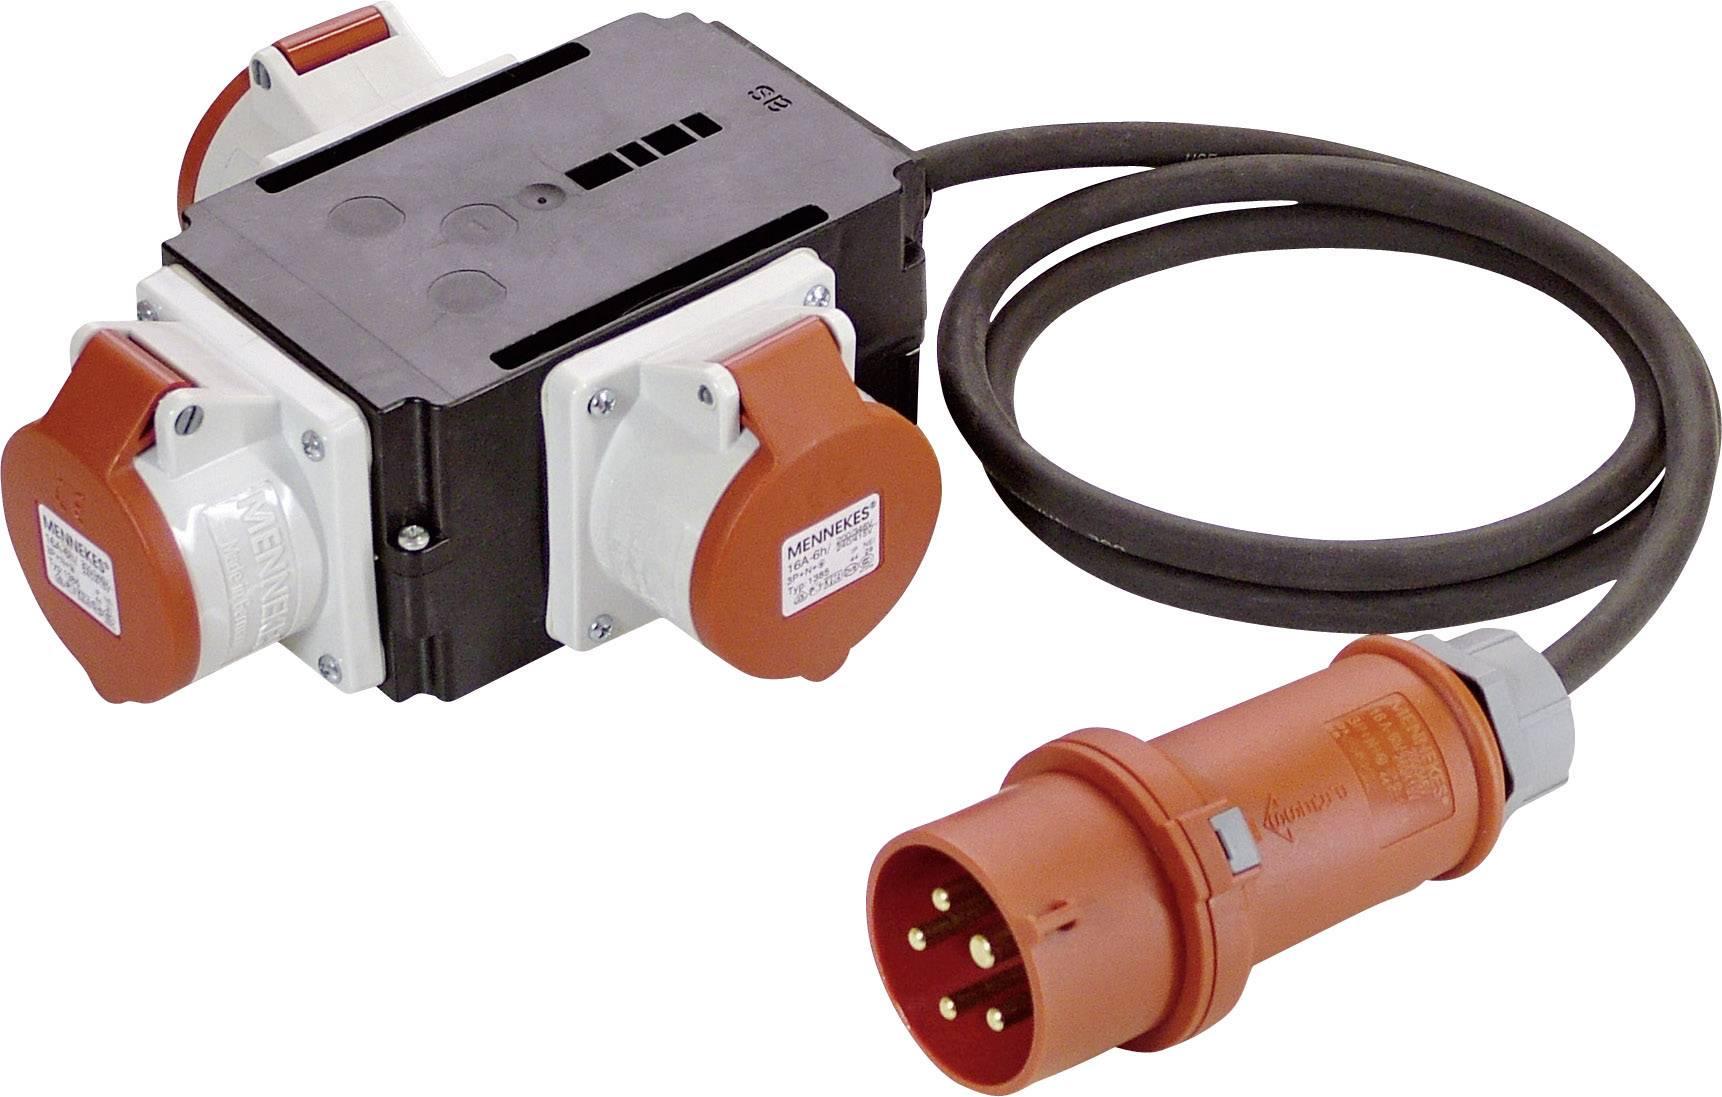 CEE rozbočovací zásuvka as - Schwabe 60526, 16 A, 400 V, 1.5 m